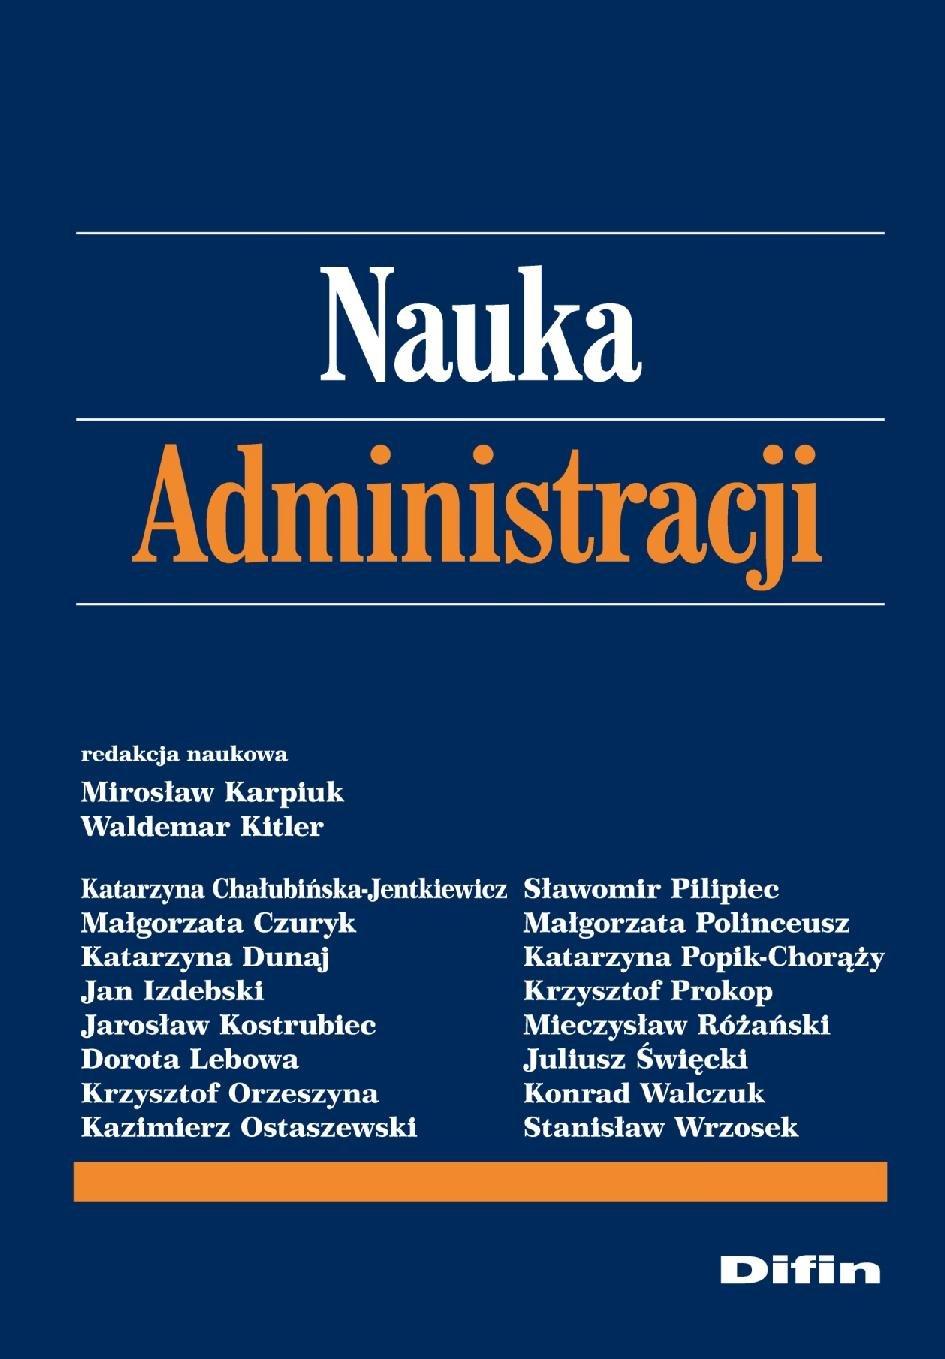 Nauka administracji - Ebook (Książka PDF) do pobrania w formacie PDF